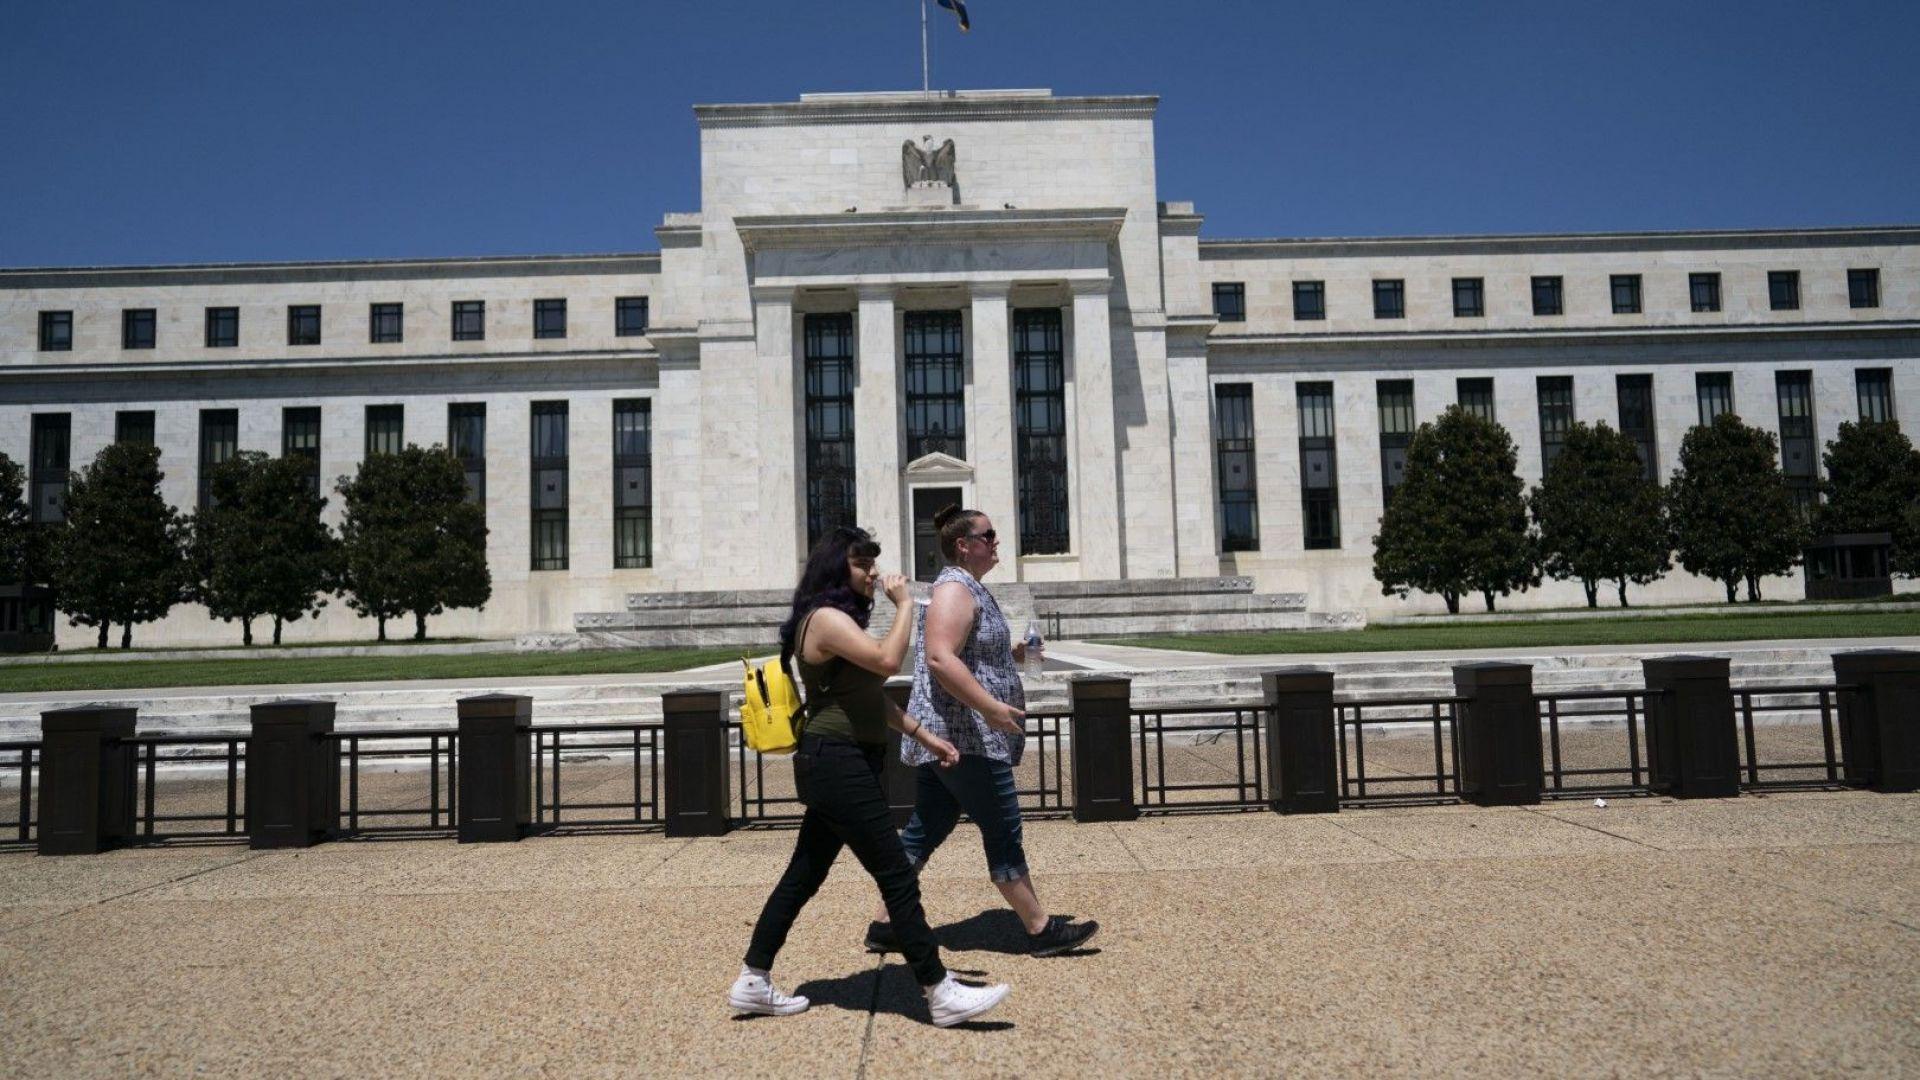 Бюджетният дефицит на САЩ достигна $3 трлн.: докъде ще стигне федералният дълг